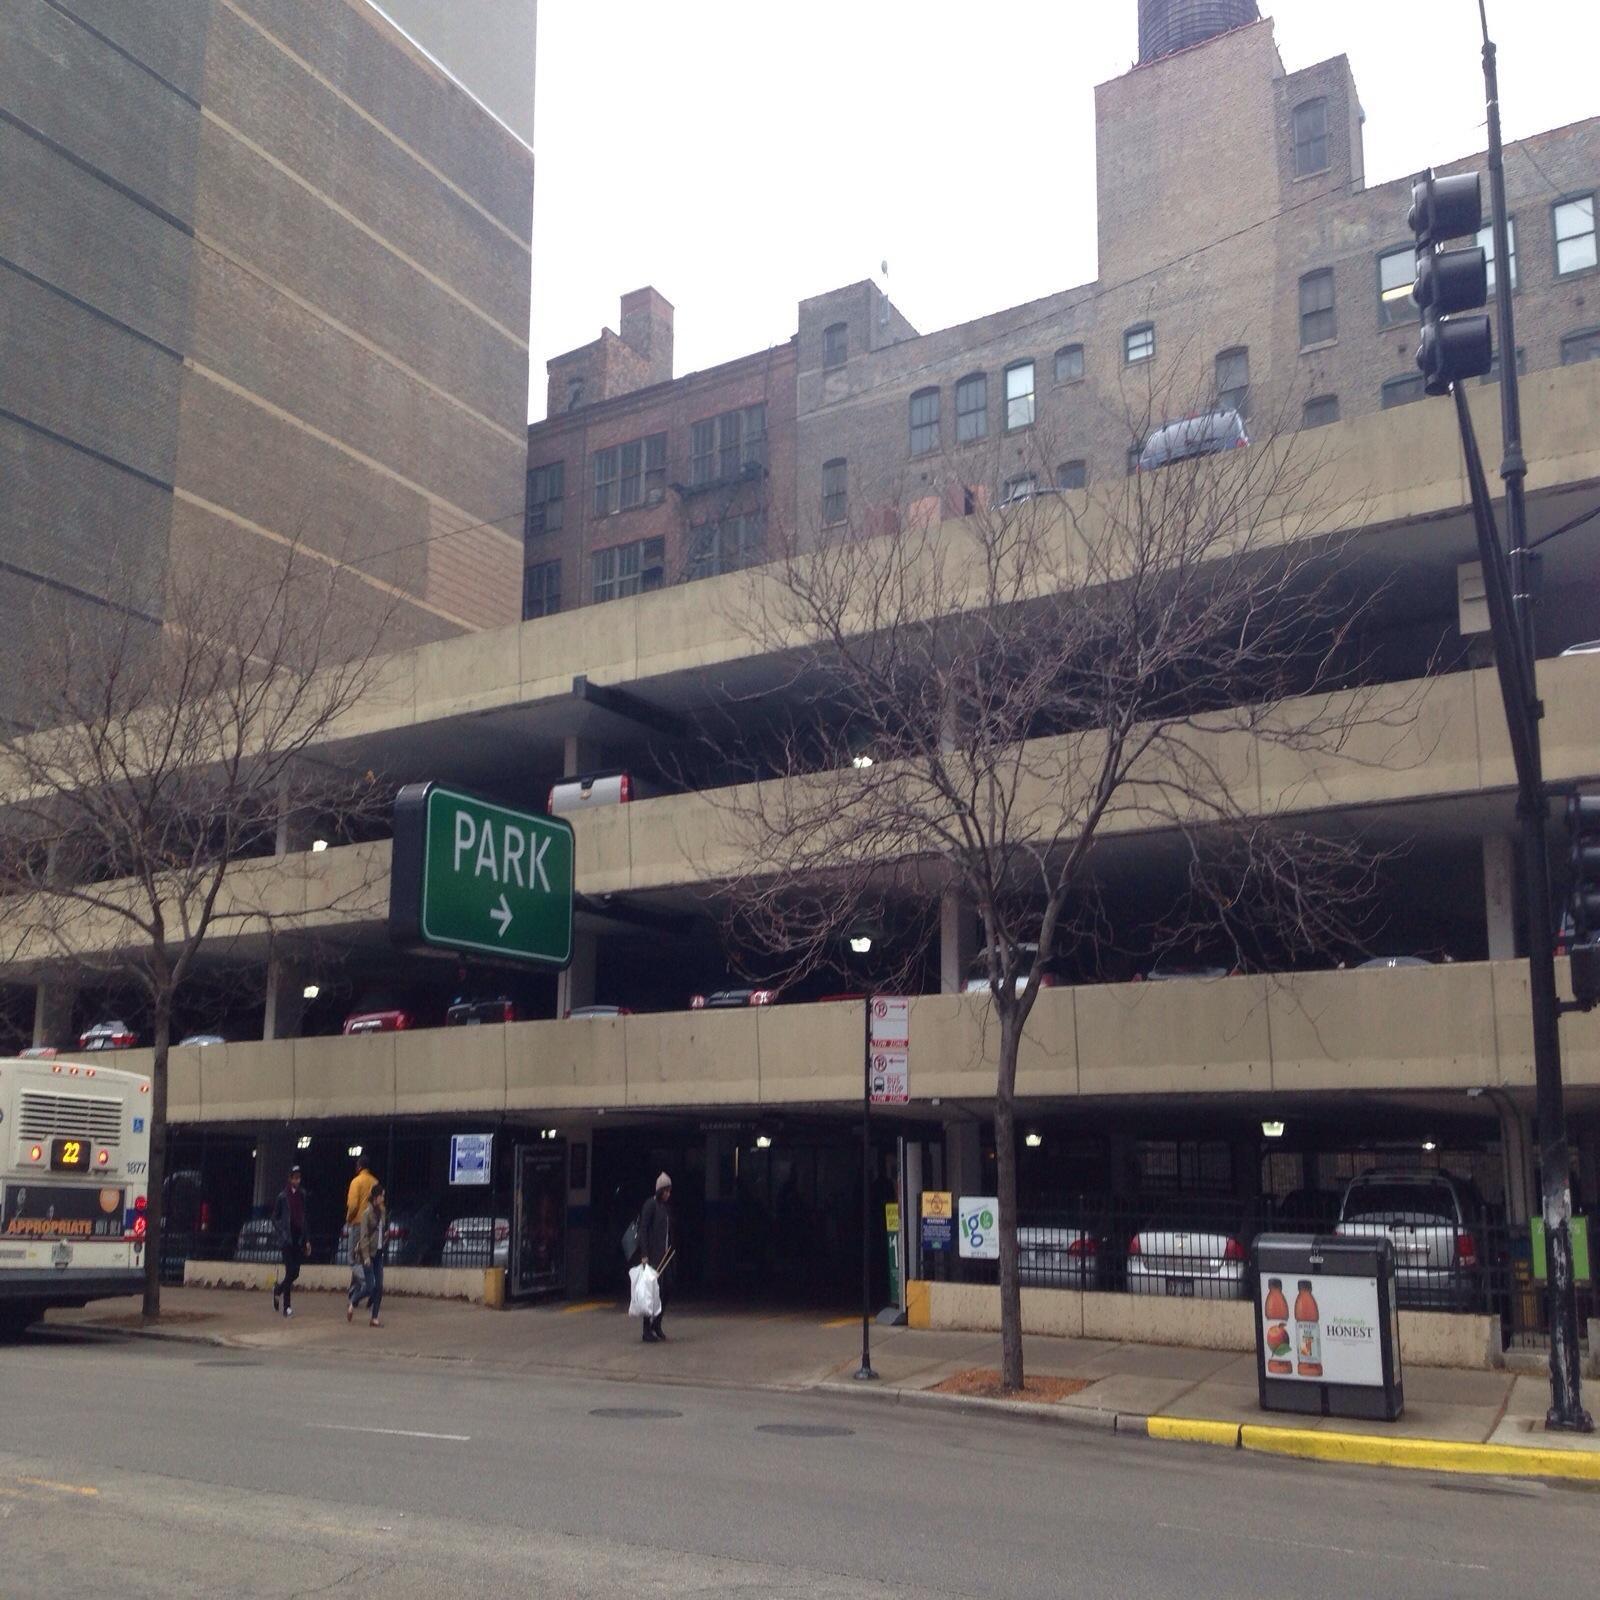 109 W Harrison St Garage - Parking In Chicago